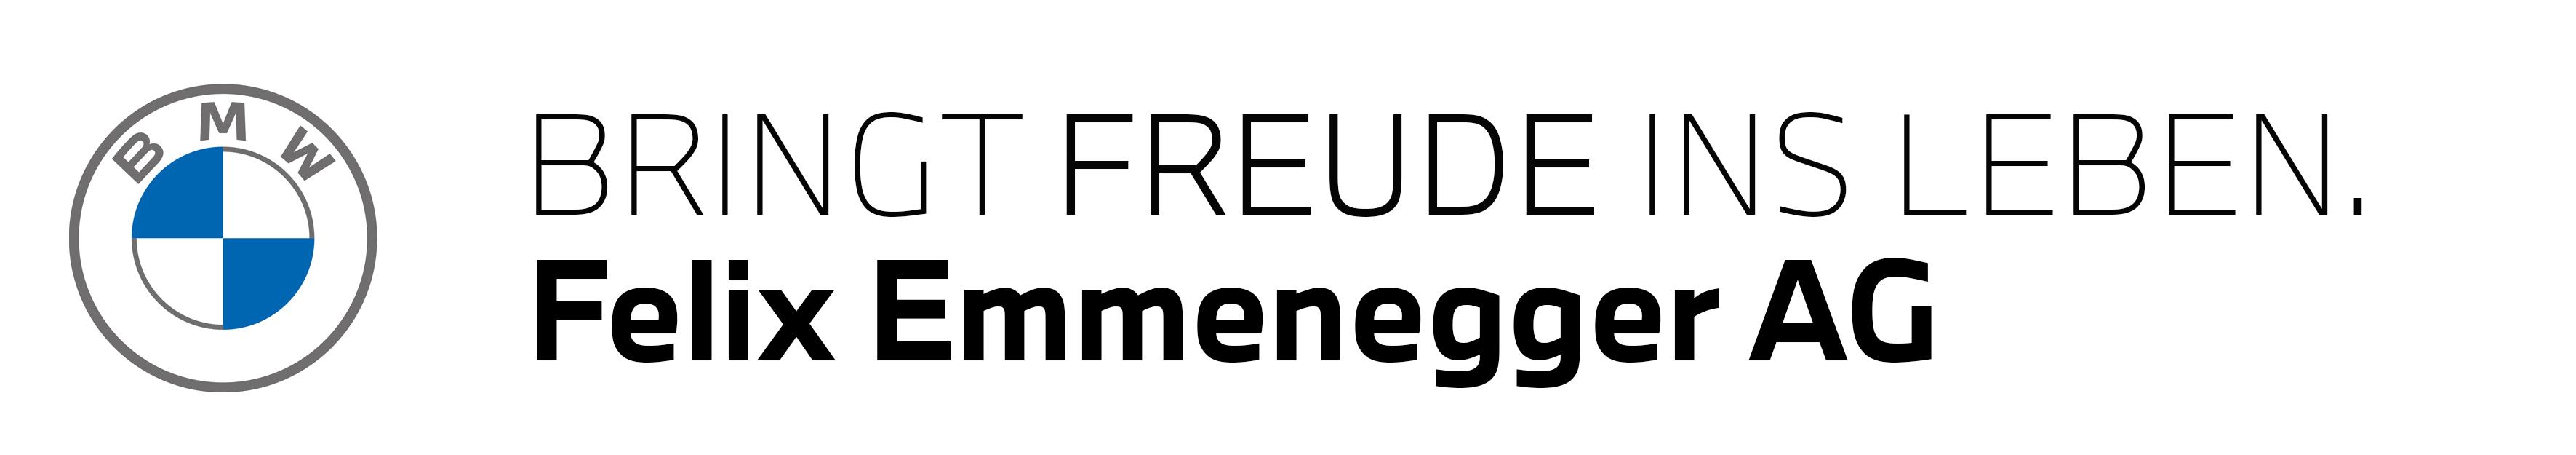 Felix Emmenegger AG logo